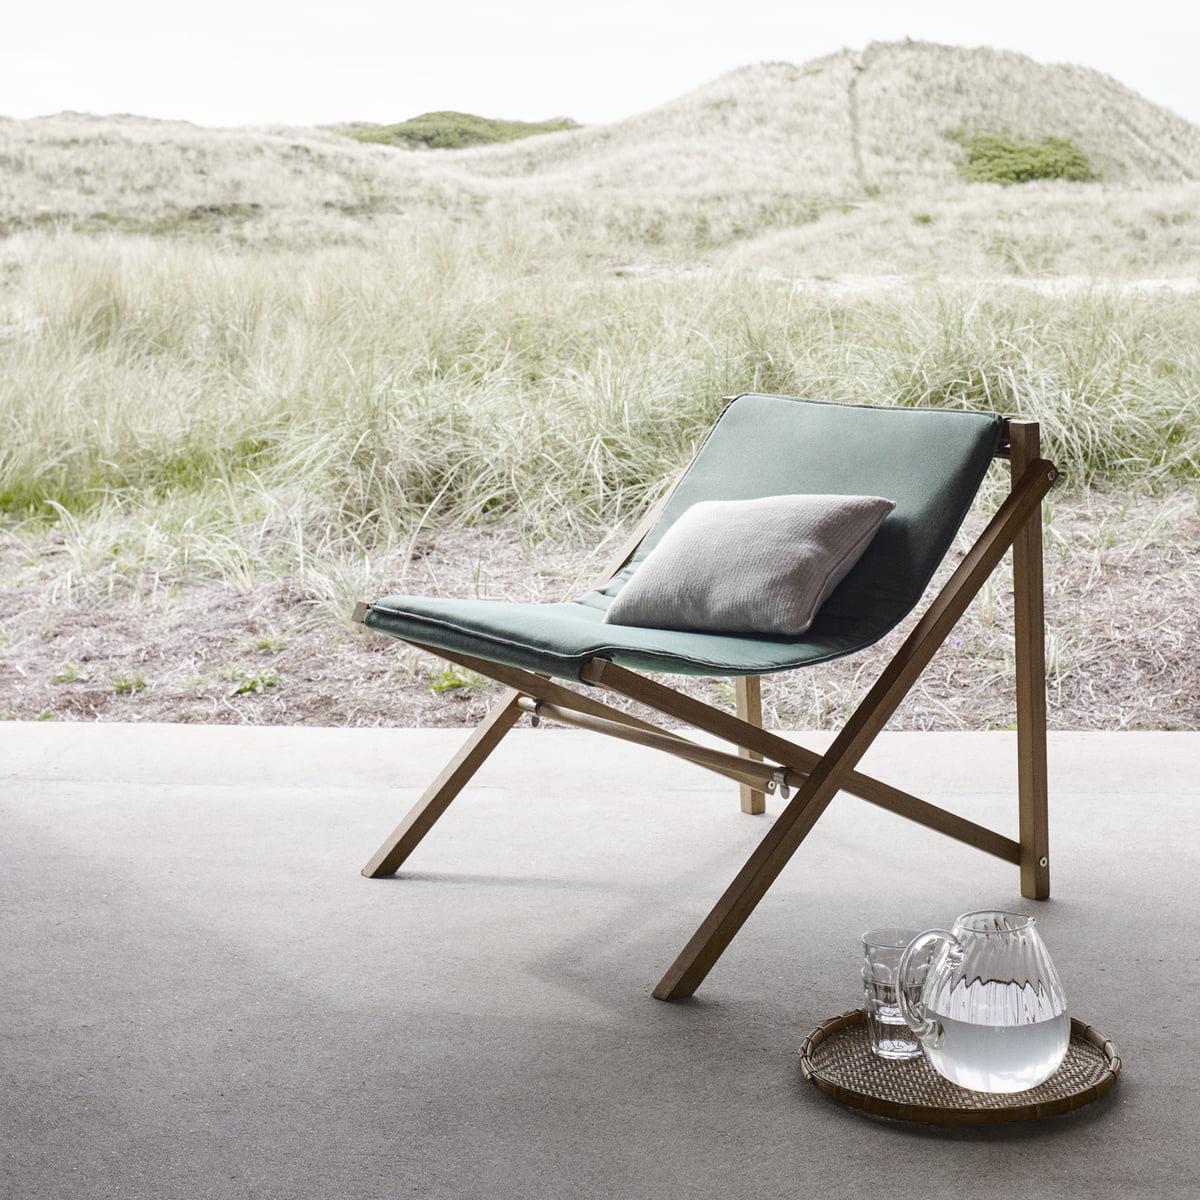 Schön Lounge Outdoor Referenz Von Aito Chair By Skagerak